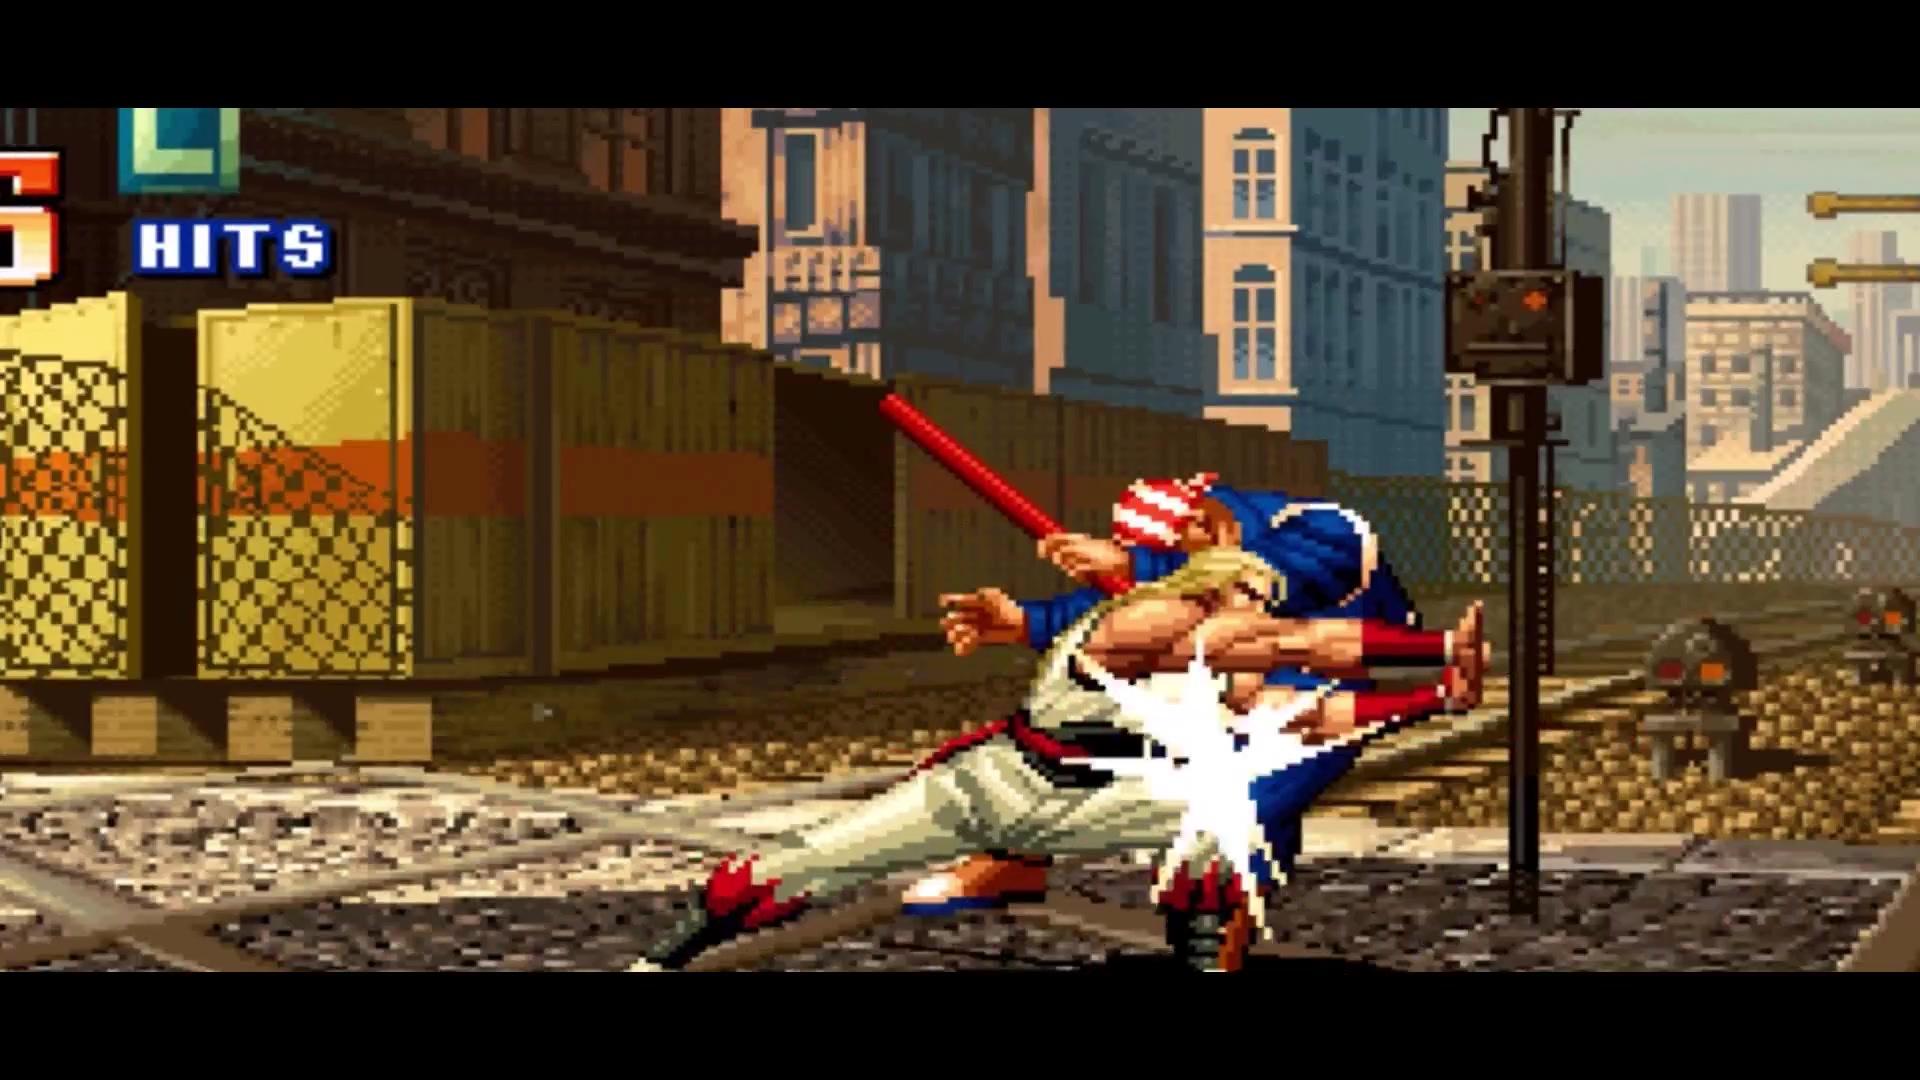 拳皇98um终极挑战_拳皇14吧-百度贴吧--SNK与拳皇系列的第14代目重生之作--《拳皇 ...